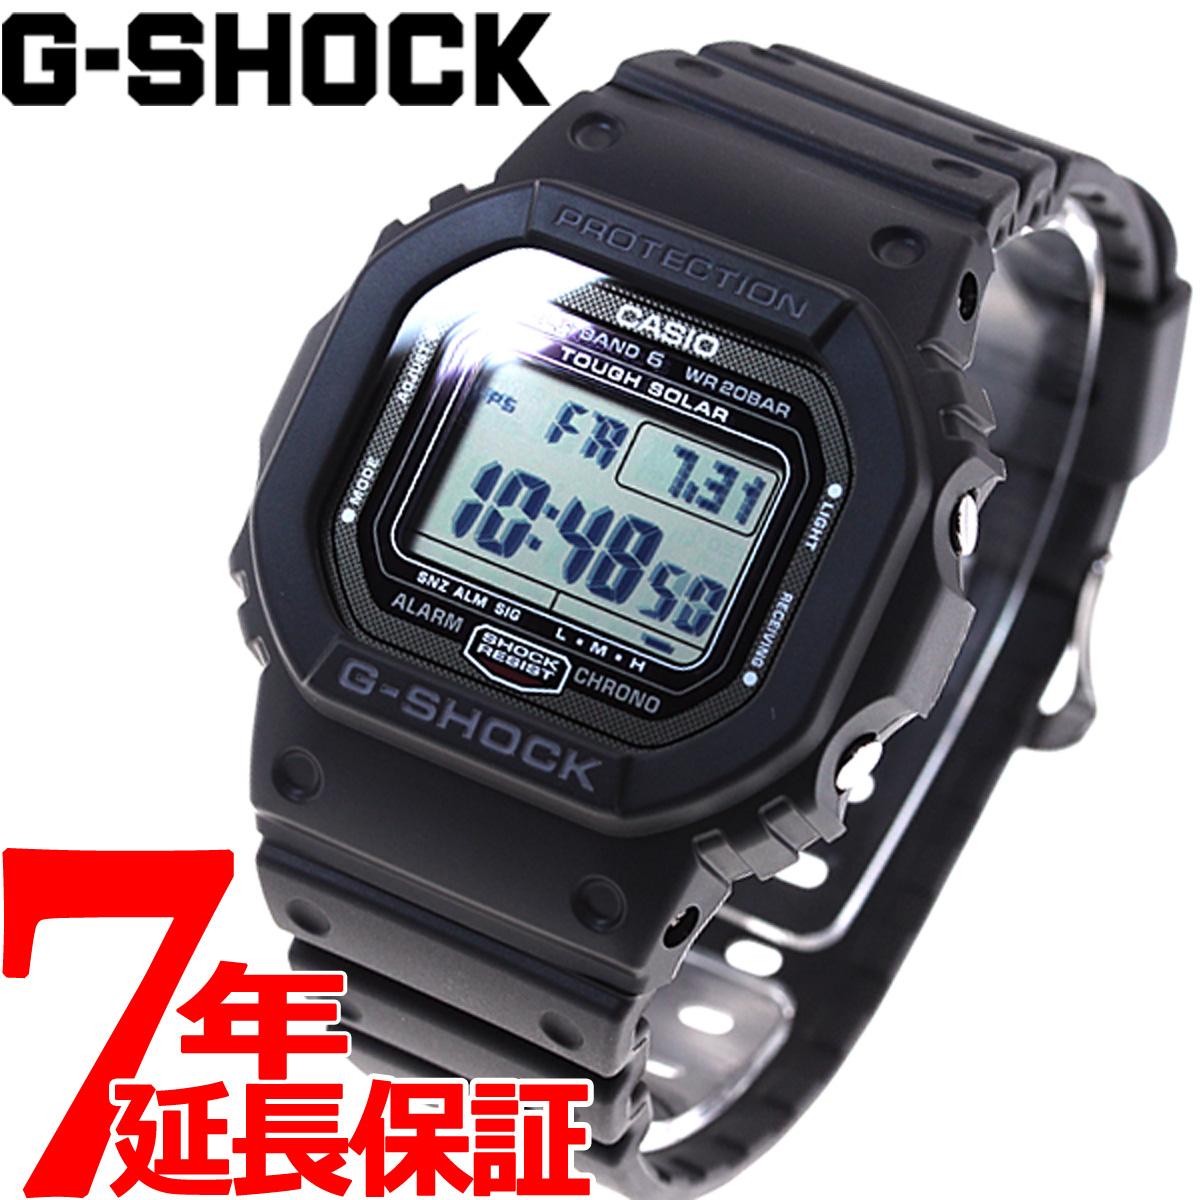 G-SHOCK 電波 ソーラー 電波時計 カシオ Gショック GW-5000-1JF CASIO G-SHOCK